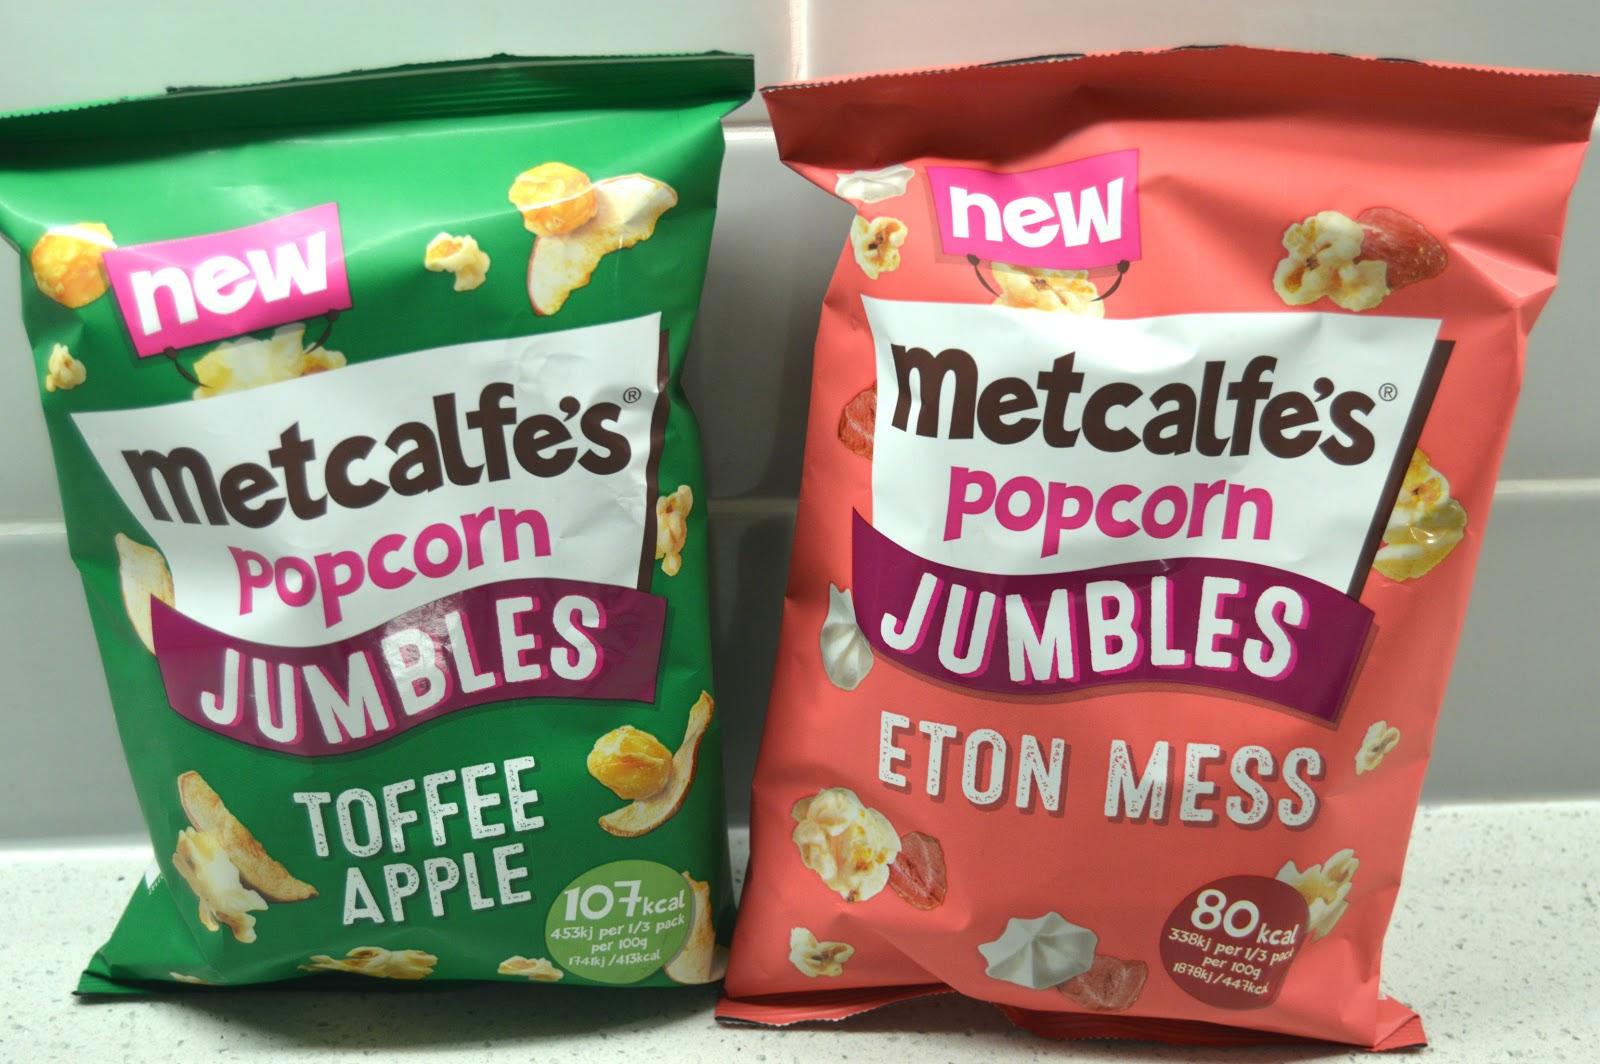 Metcalfes popcorn